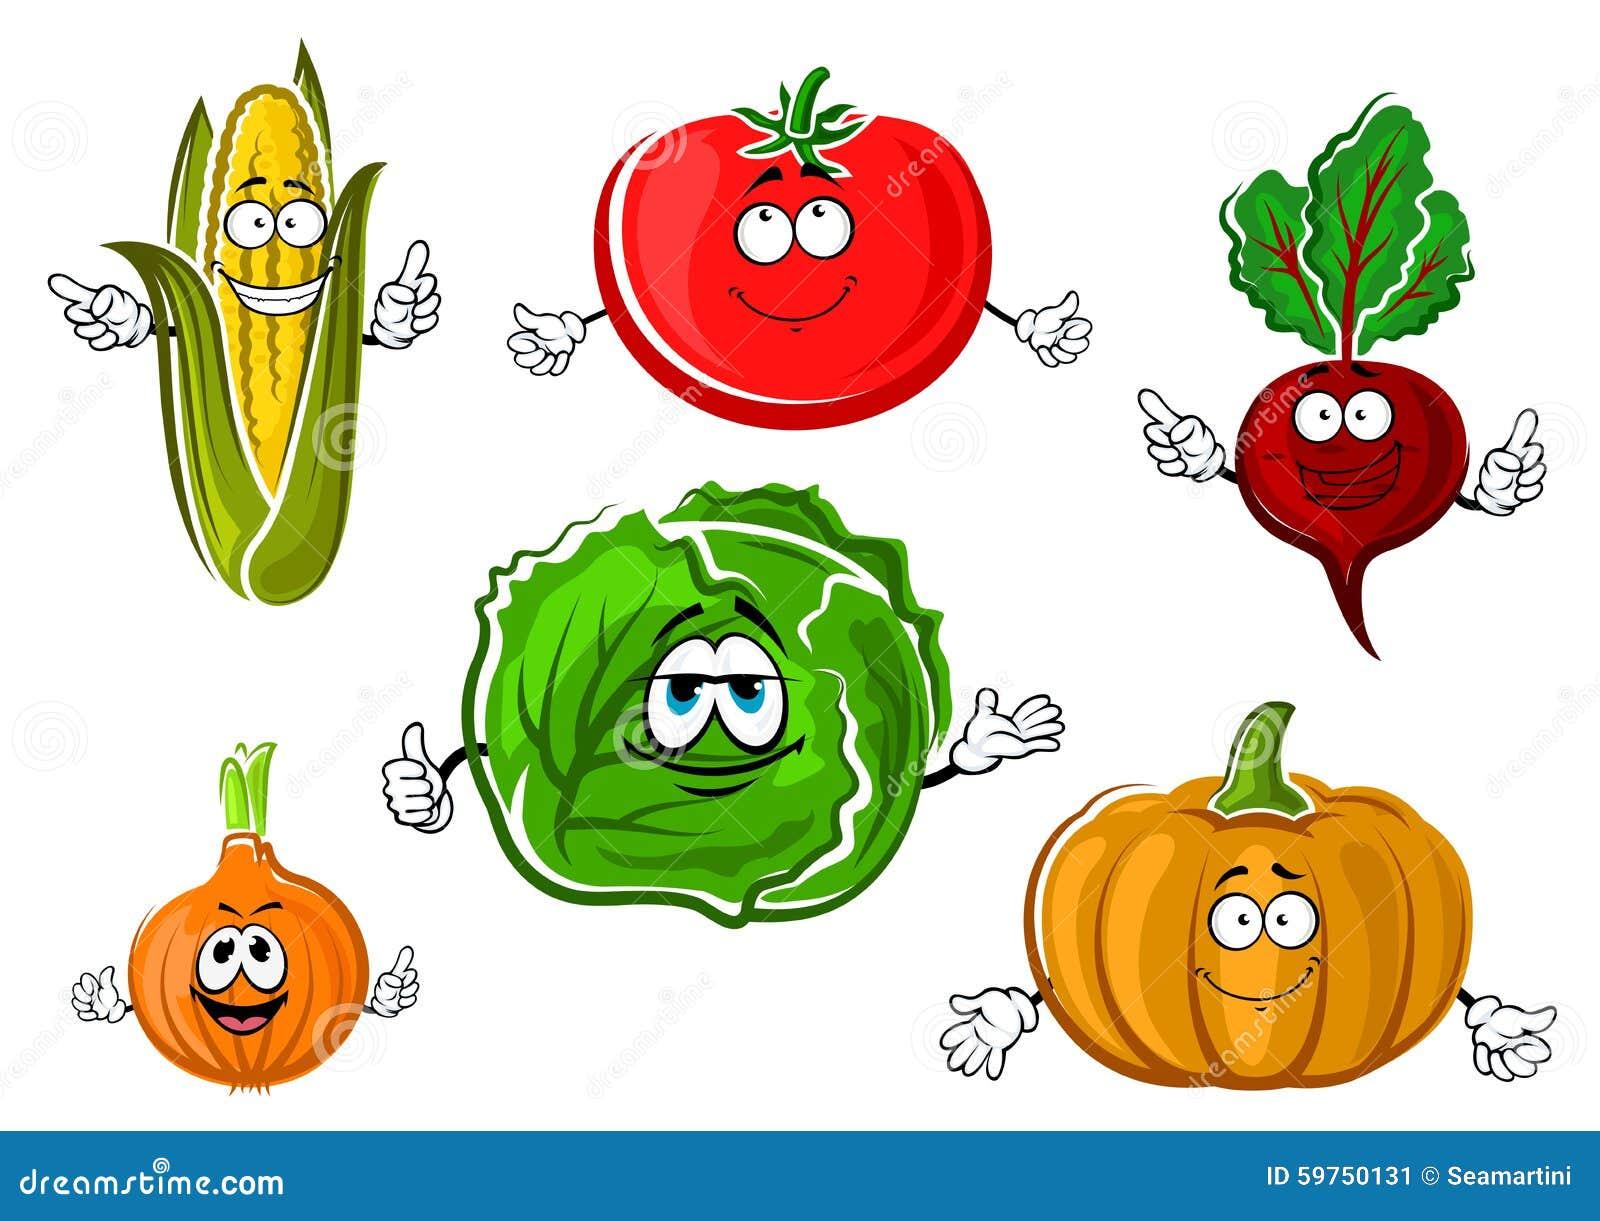 Personajes De Dibujos Animados Vegetales Otoñales Felices